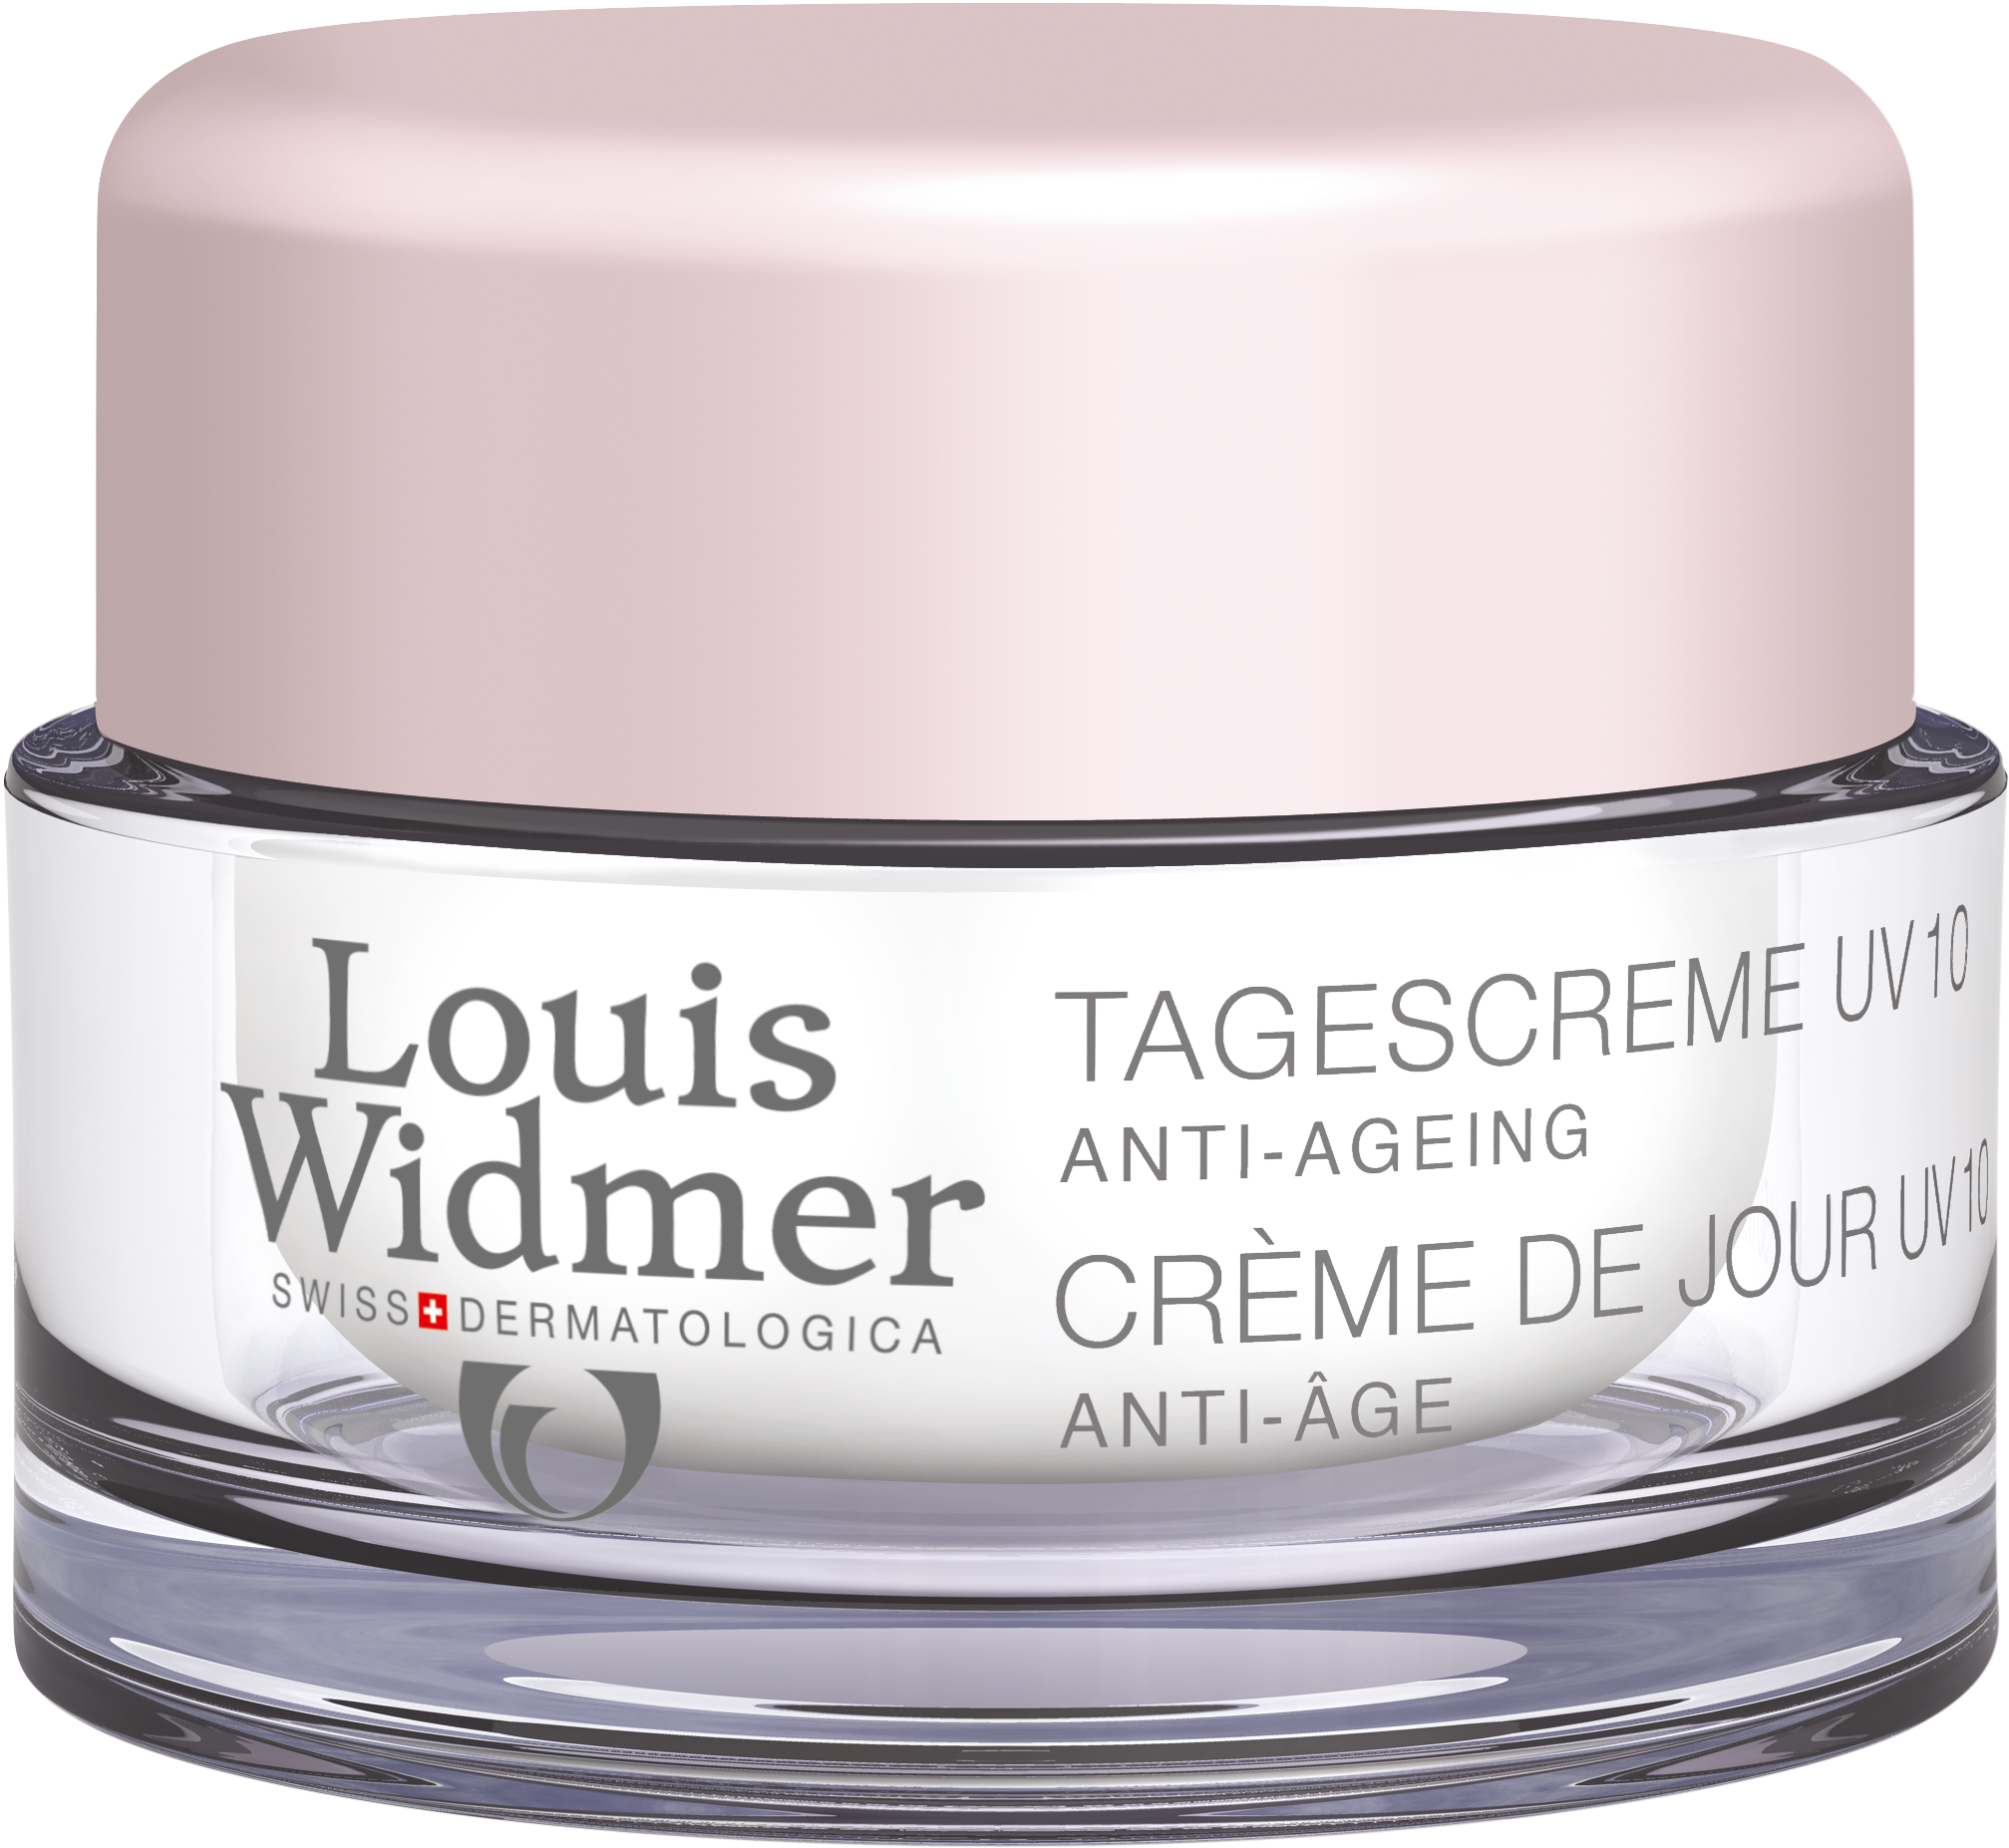 WIDMER Tagescreme UV 10 leicht parfümiert